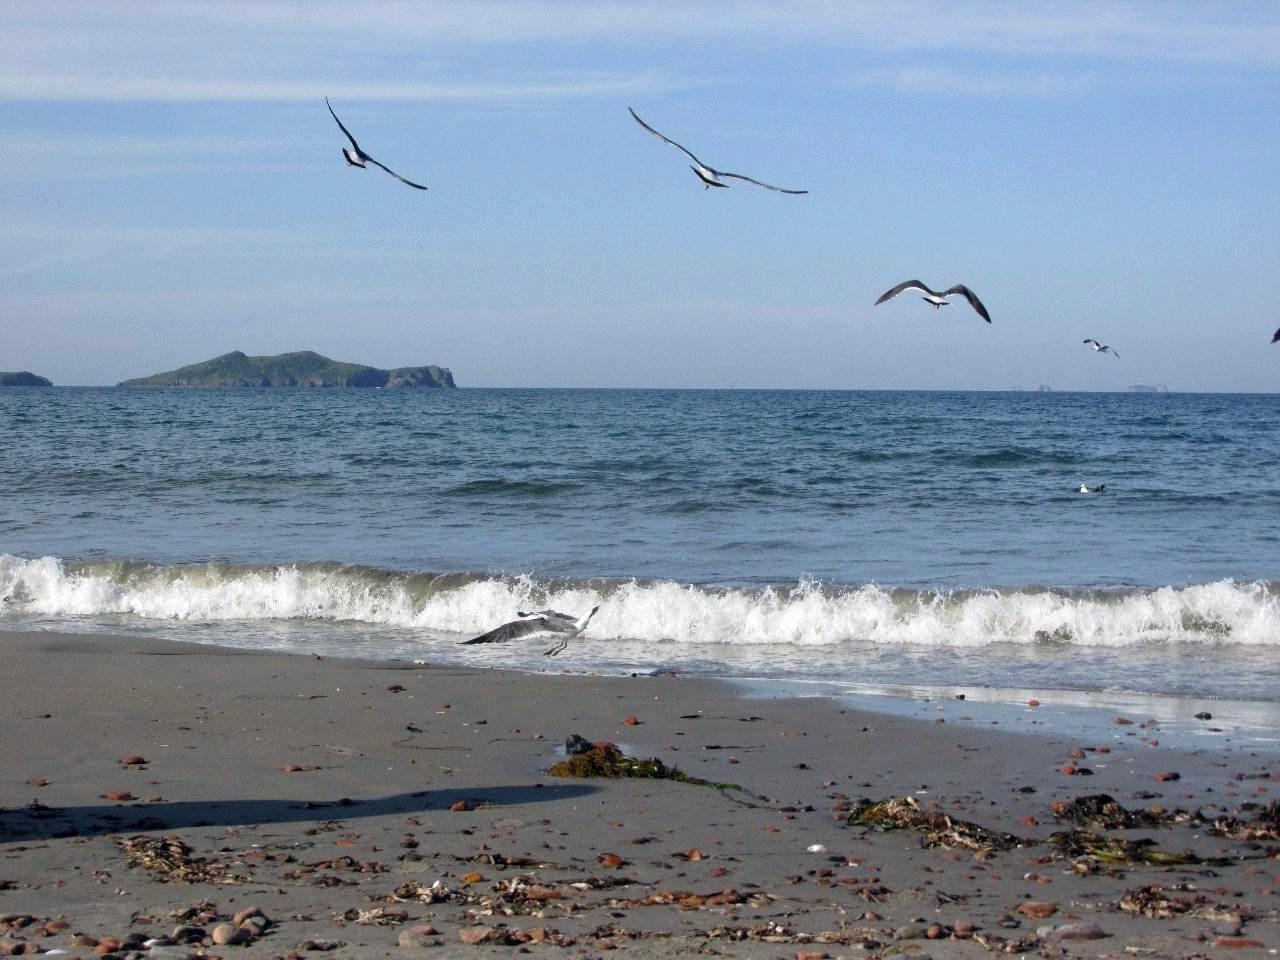 Утро. Море. Чайки. Прибой.